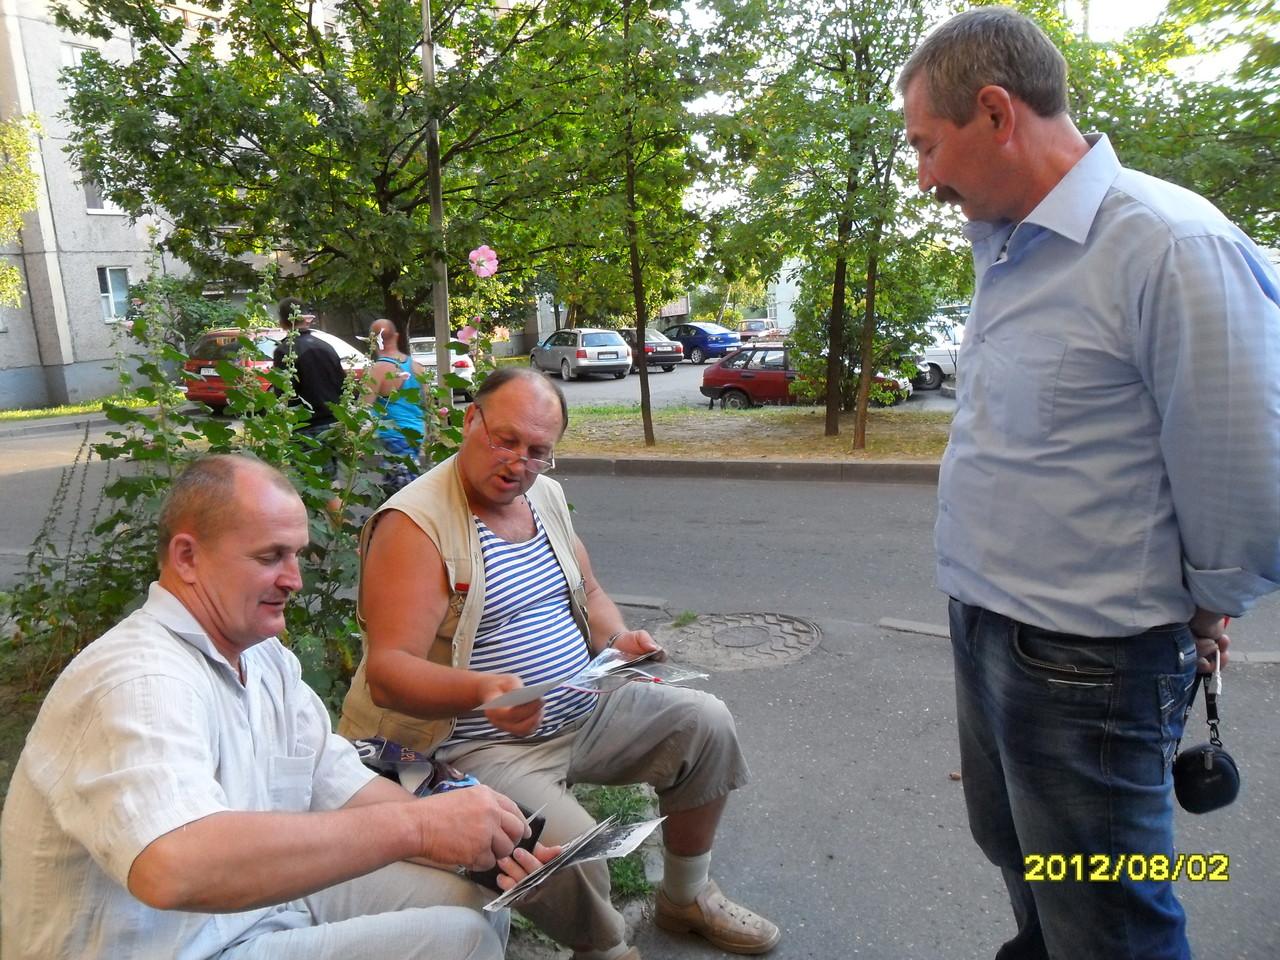 Игорь Гусько - слева, Игорь Нищенко - в центре, Николай Есаулков - справа.